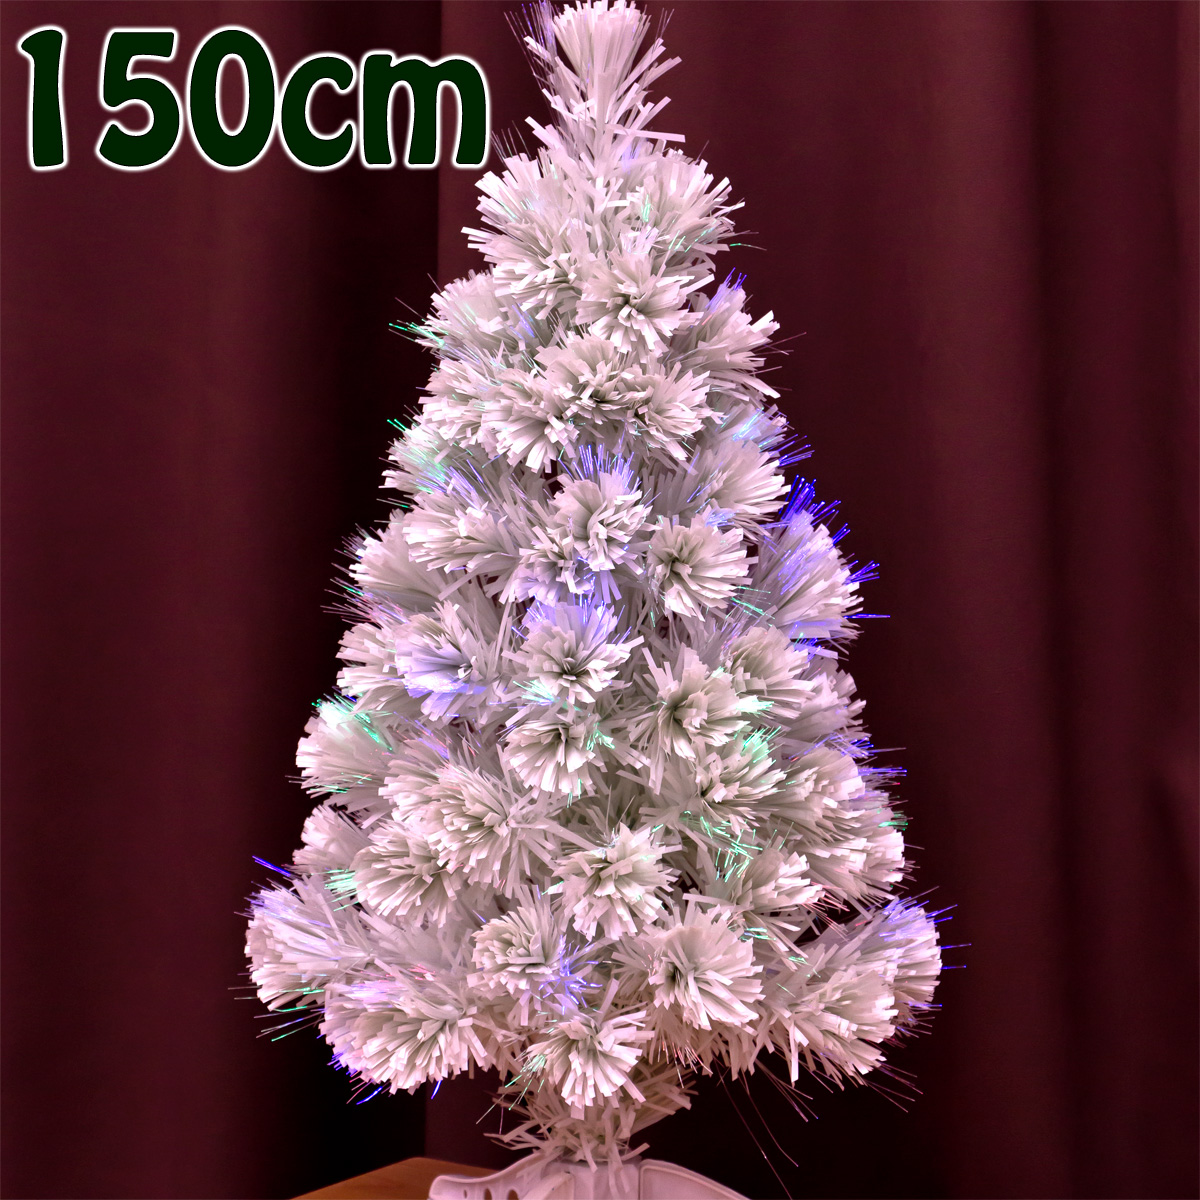 クリスマスツリー ファイバー 150cm 白 分割型 ホワイトツリー ファイバーツリー LED光源 北欧 おしゃれ 【10月下旬入荷予定】